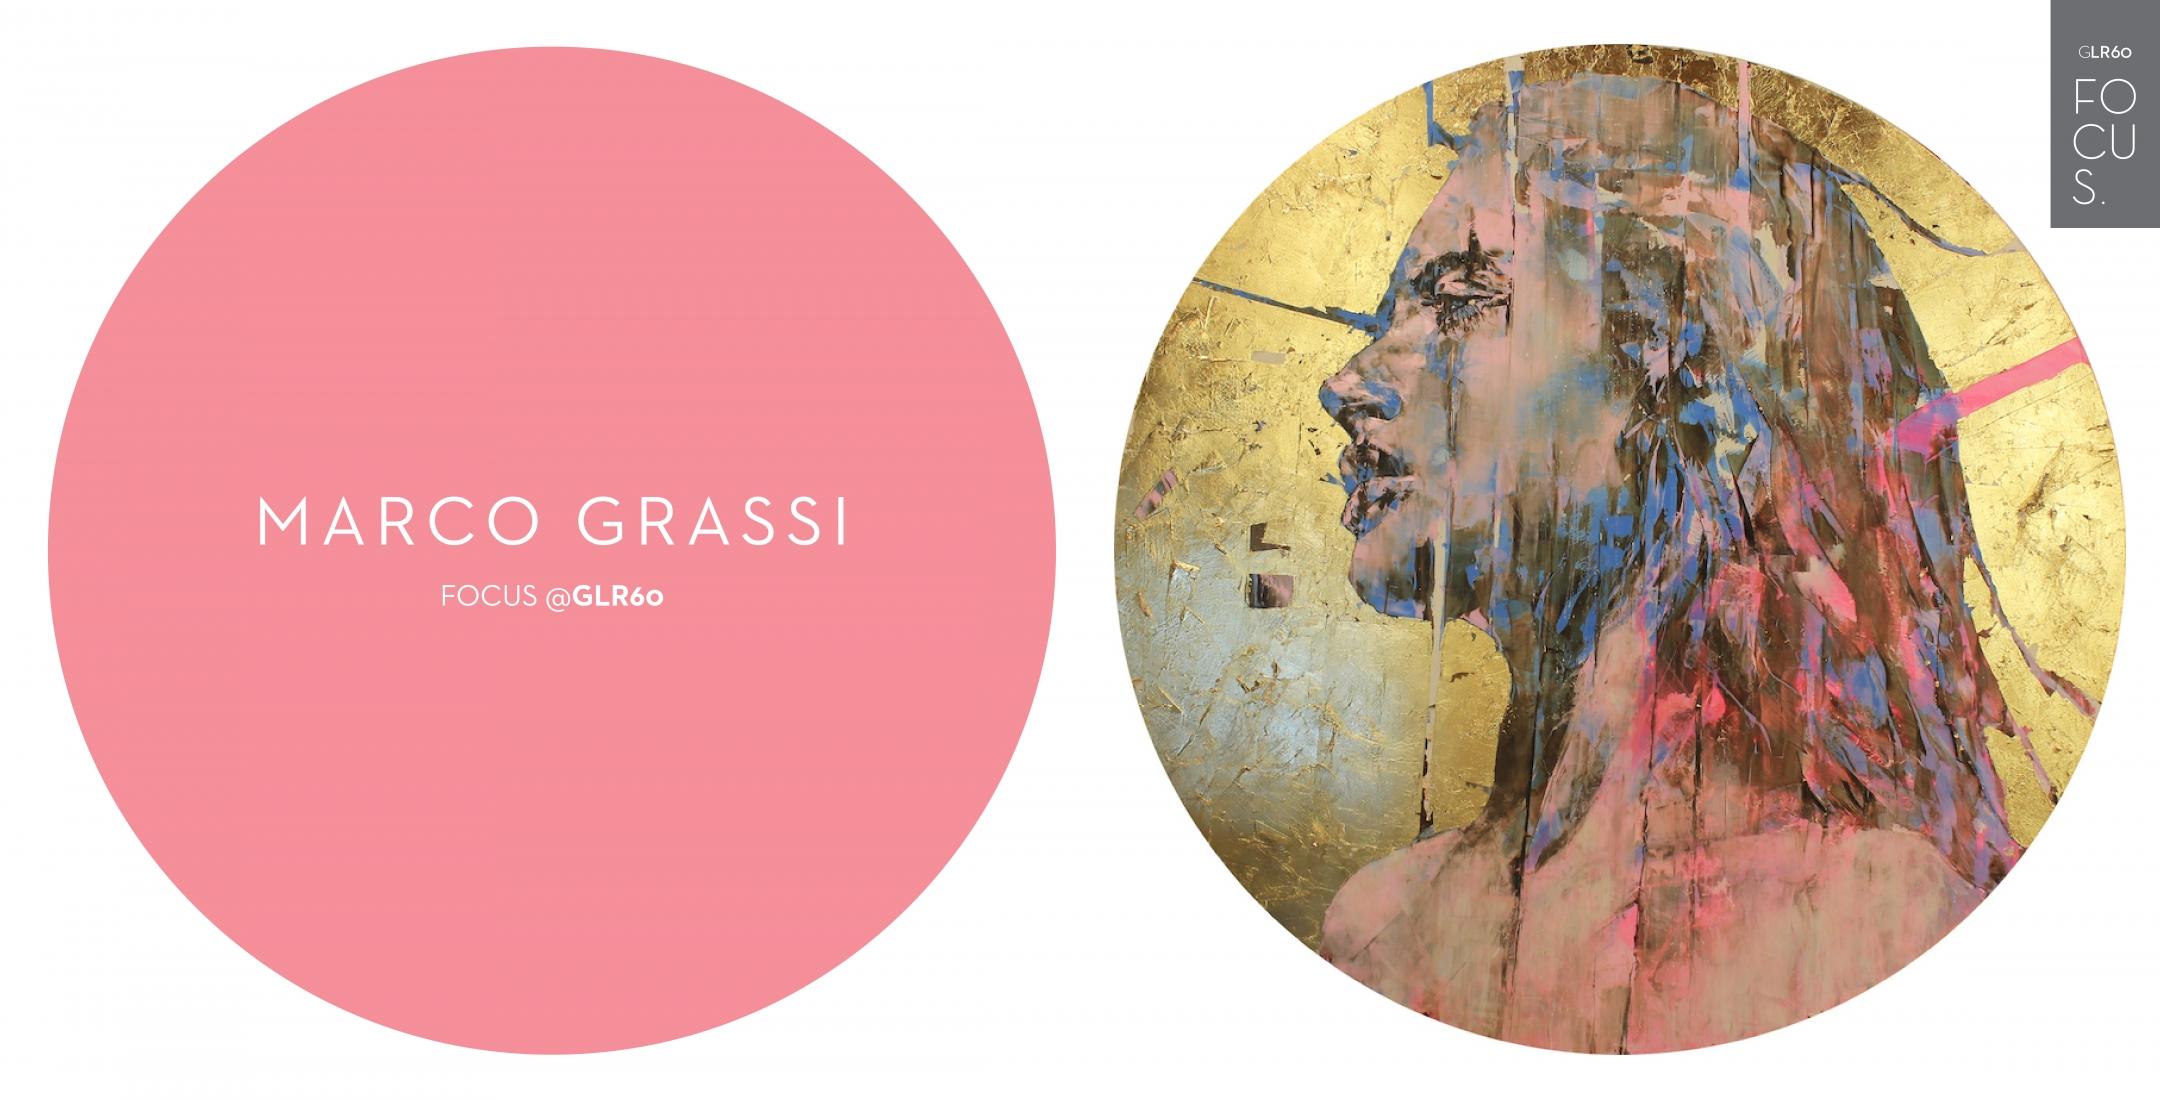 MARCO GRASSI | FOCUS @GLR60